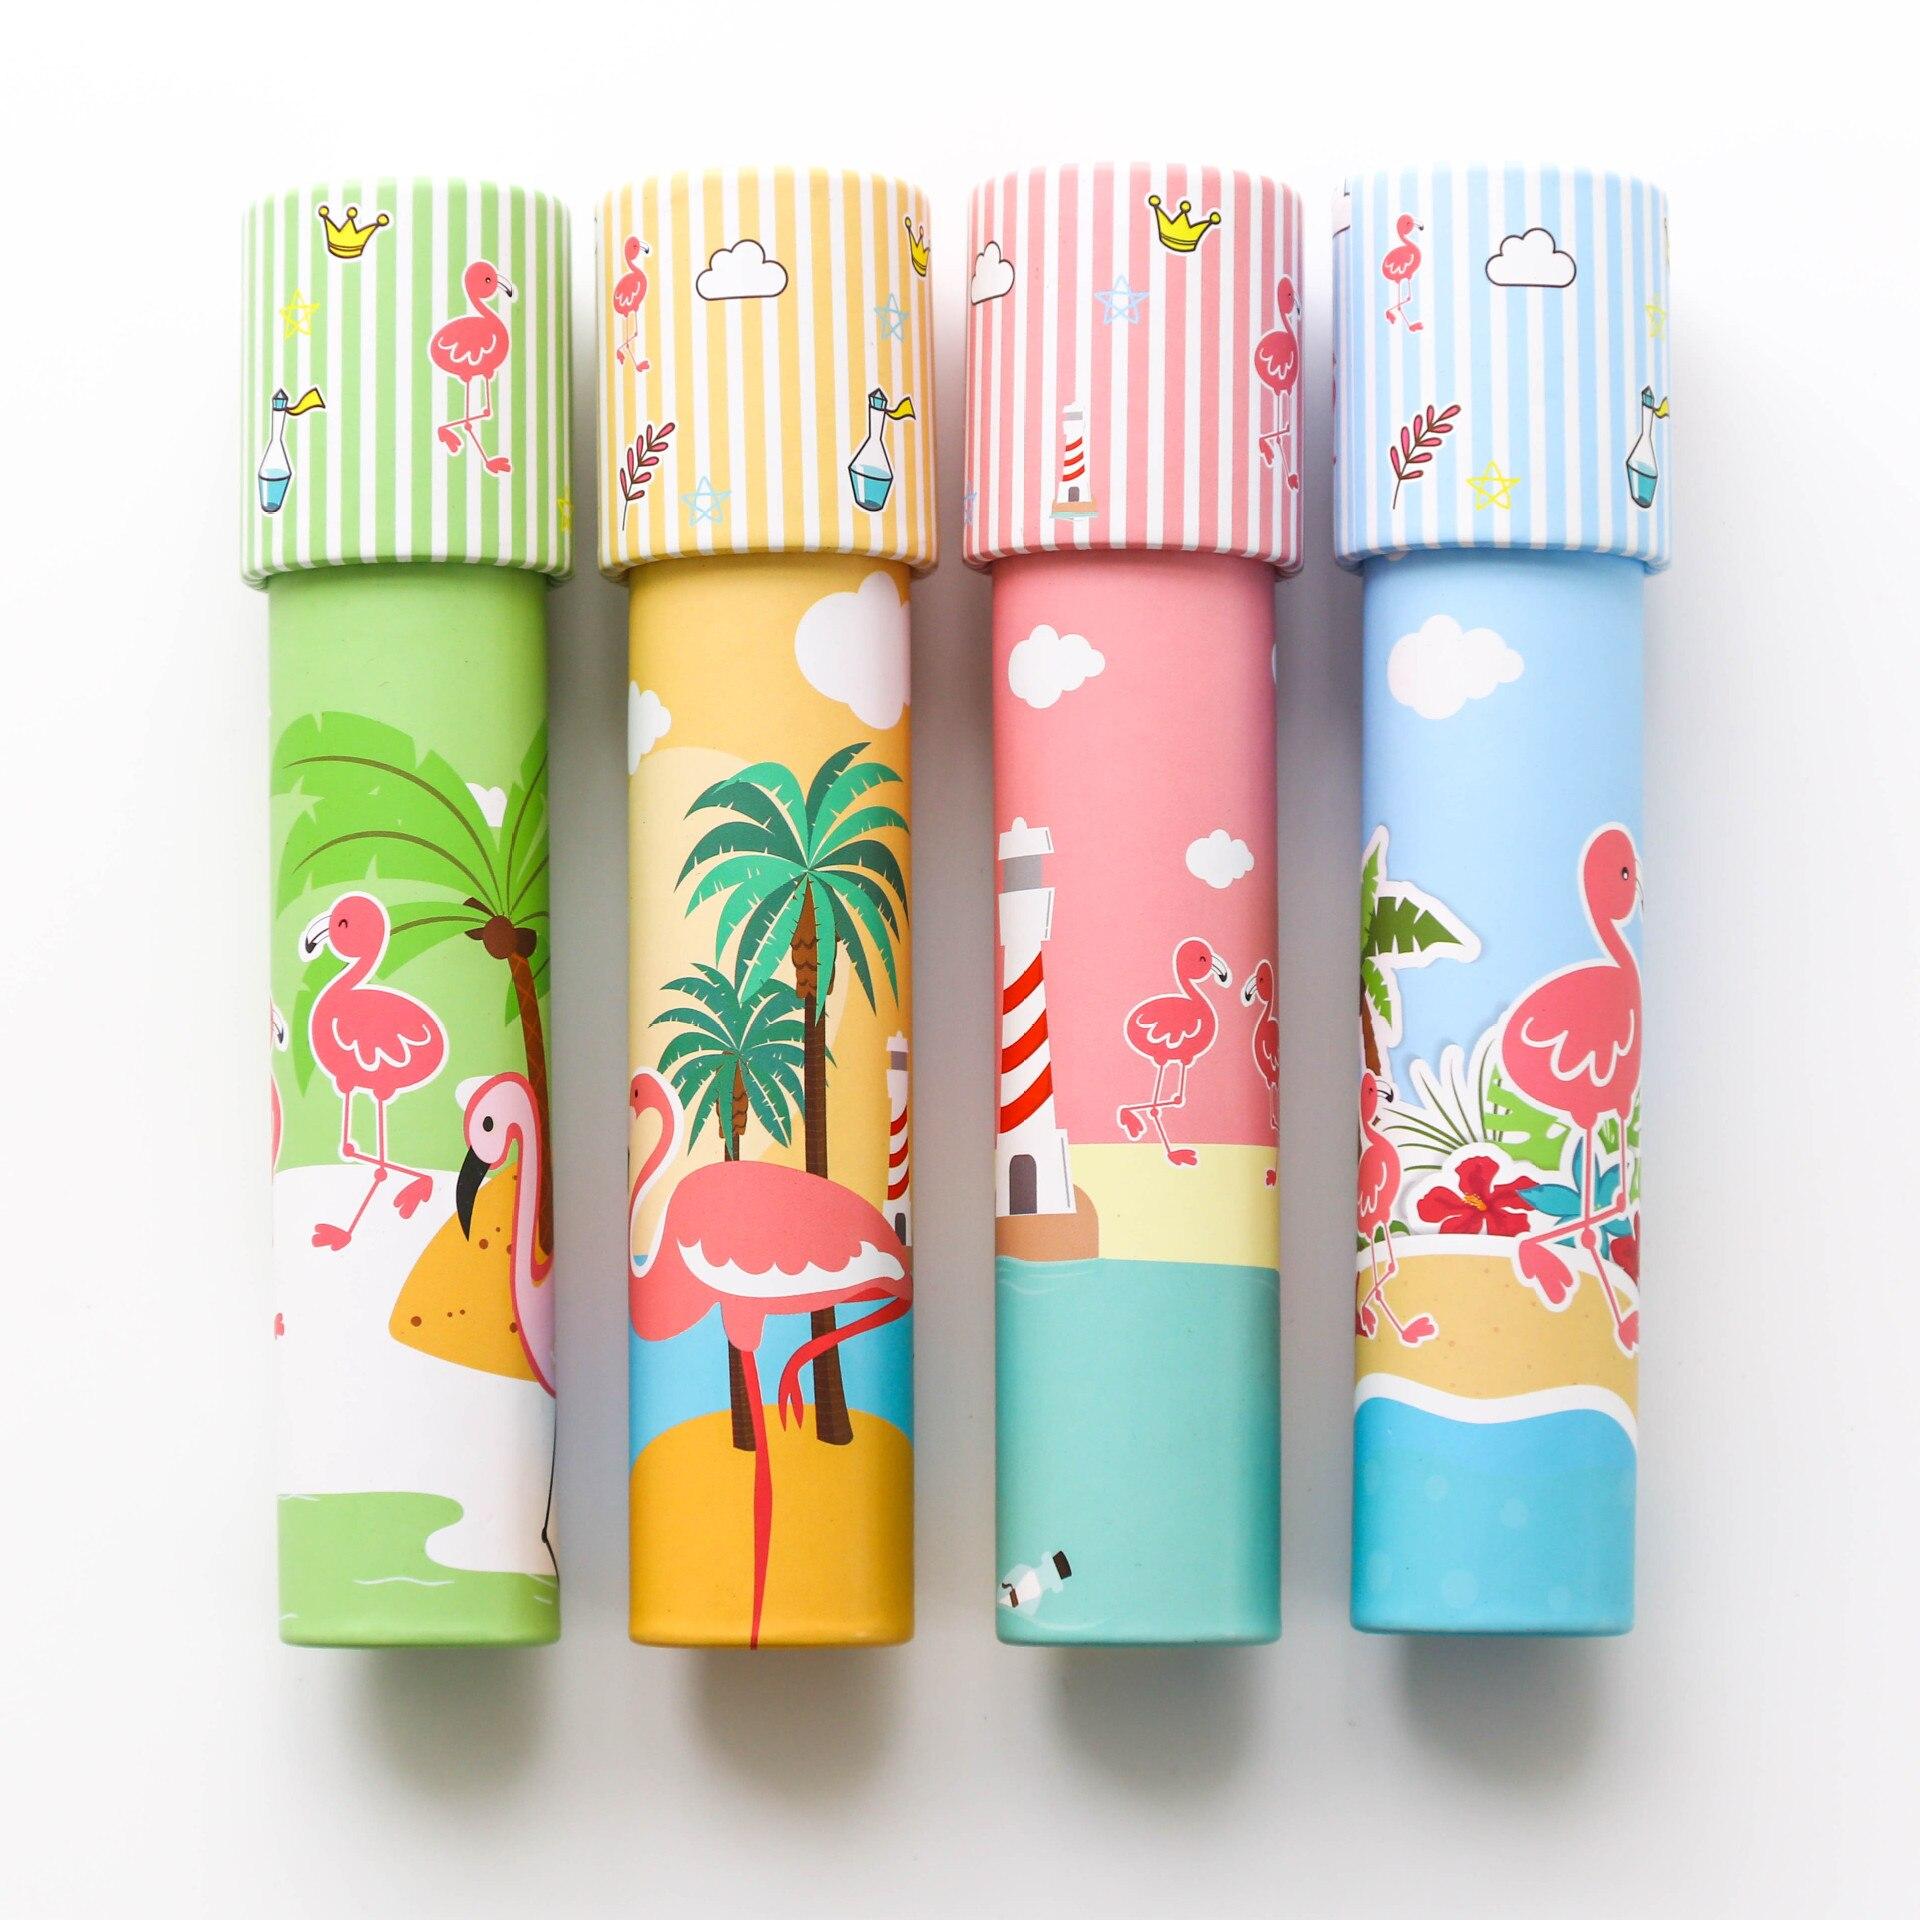 [해외]1 무작위 납품 새로운 창조적 인 만화경 장난감 플라밍고 꽃의 다양성 뜨거운 공기 풍선 아이들의 교육 장난감